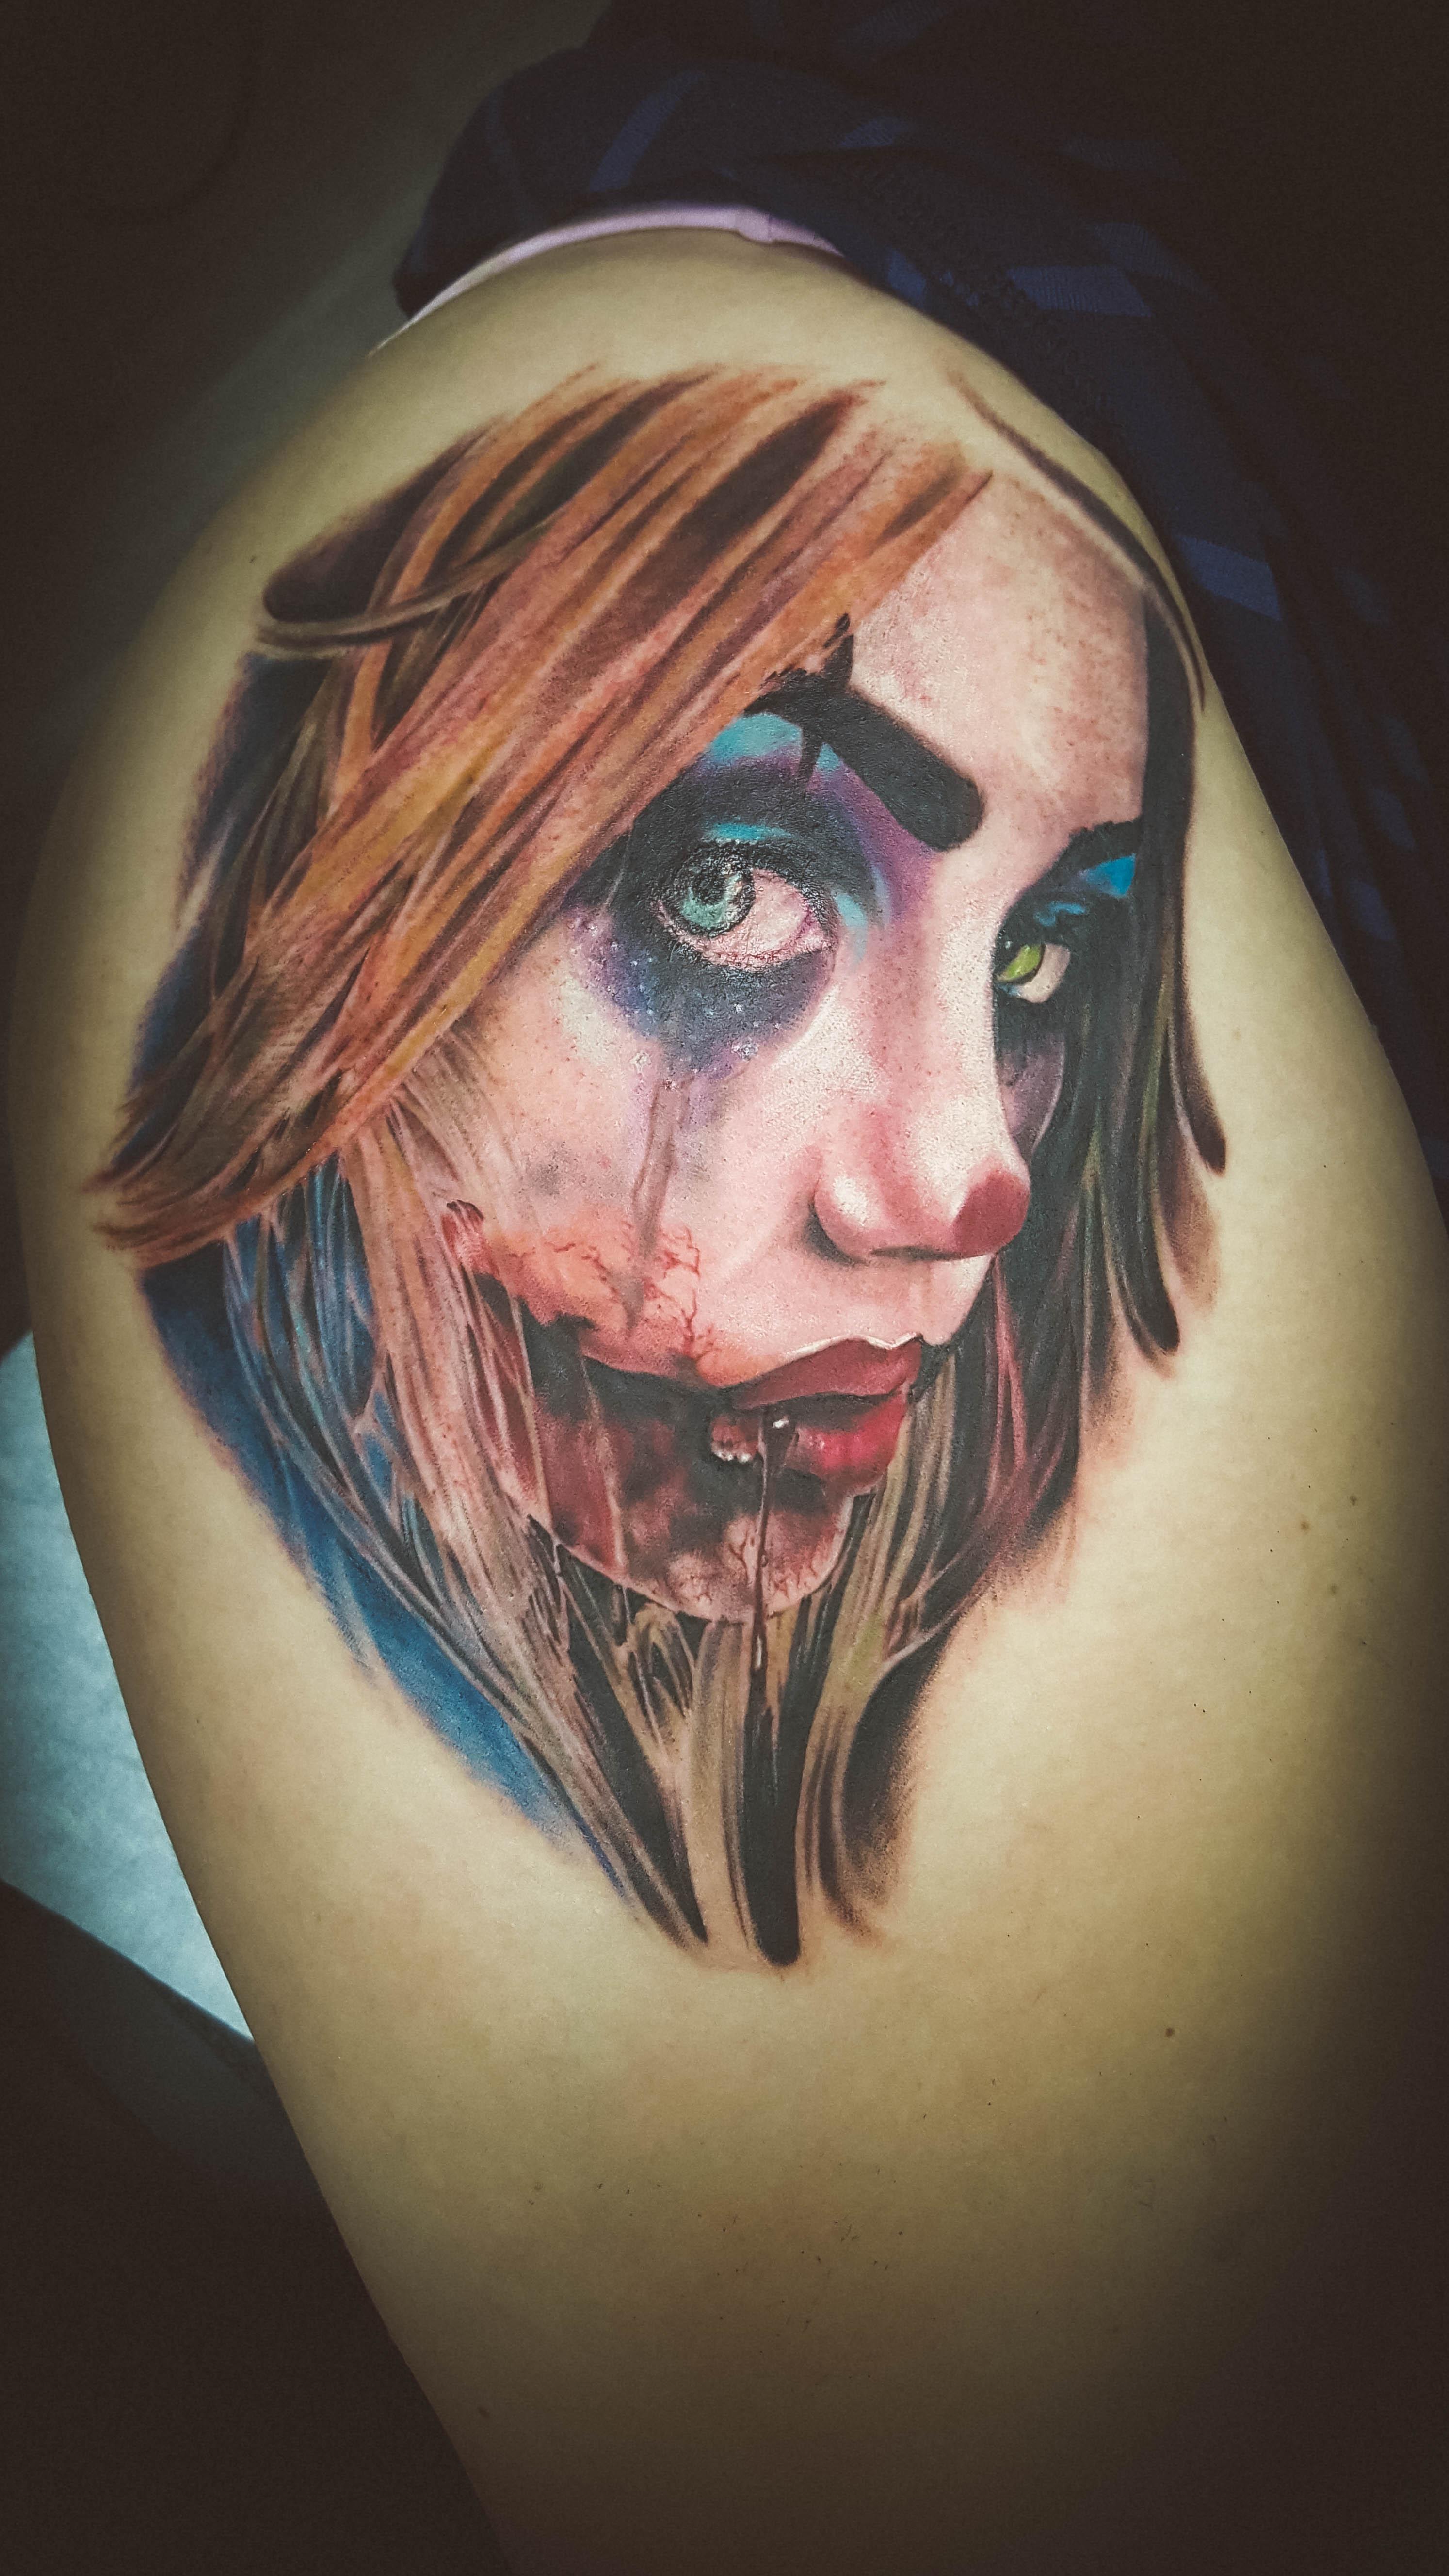 Q Tattoo in Huntington Beach - Quan - harlen quinn